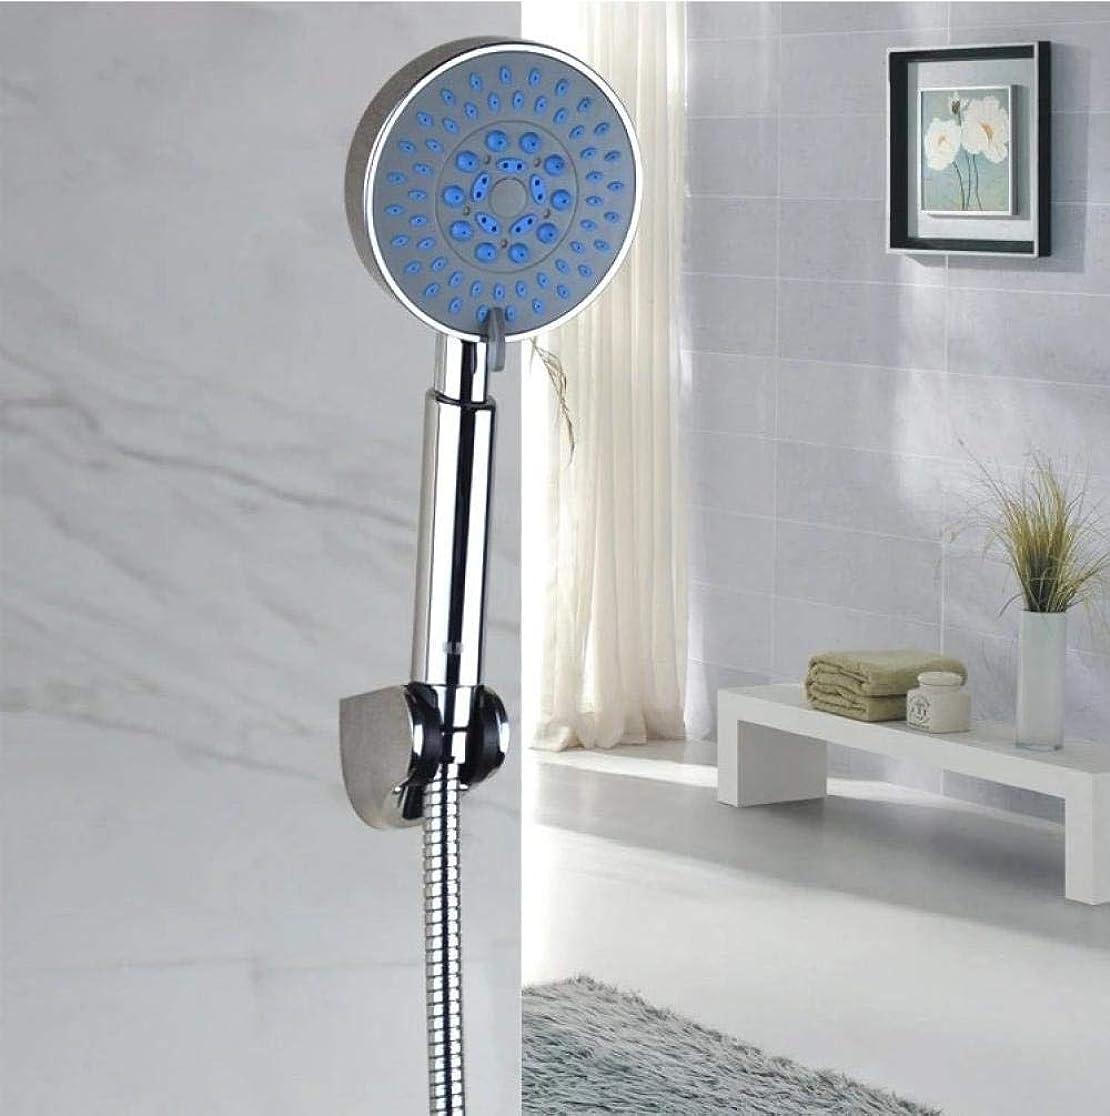 ペルー疑い者動かないシャワーヘッド 取り付け簡単 ハンドシャワーシャワーヘッドビデファイブシャワー多機能手持ちシャワーヘッドシャワーコロンス島スーパーチャージャー